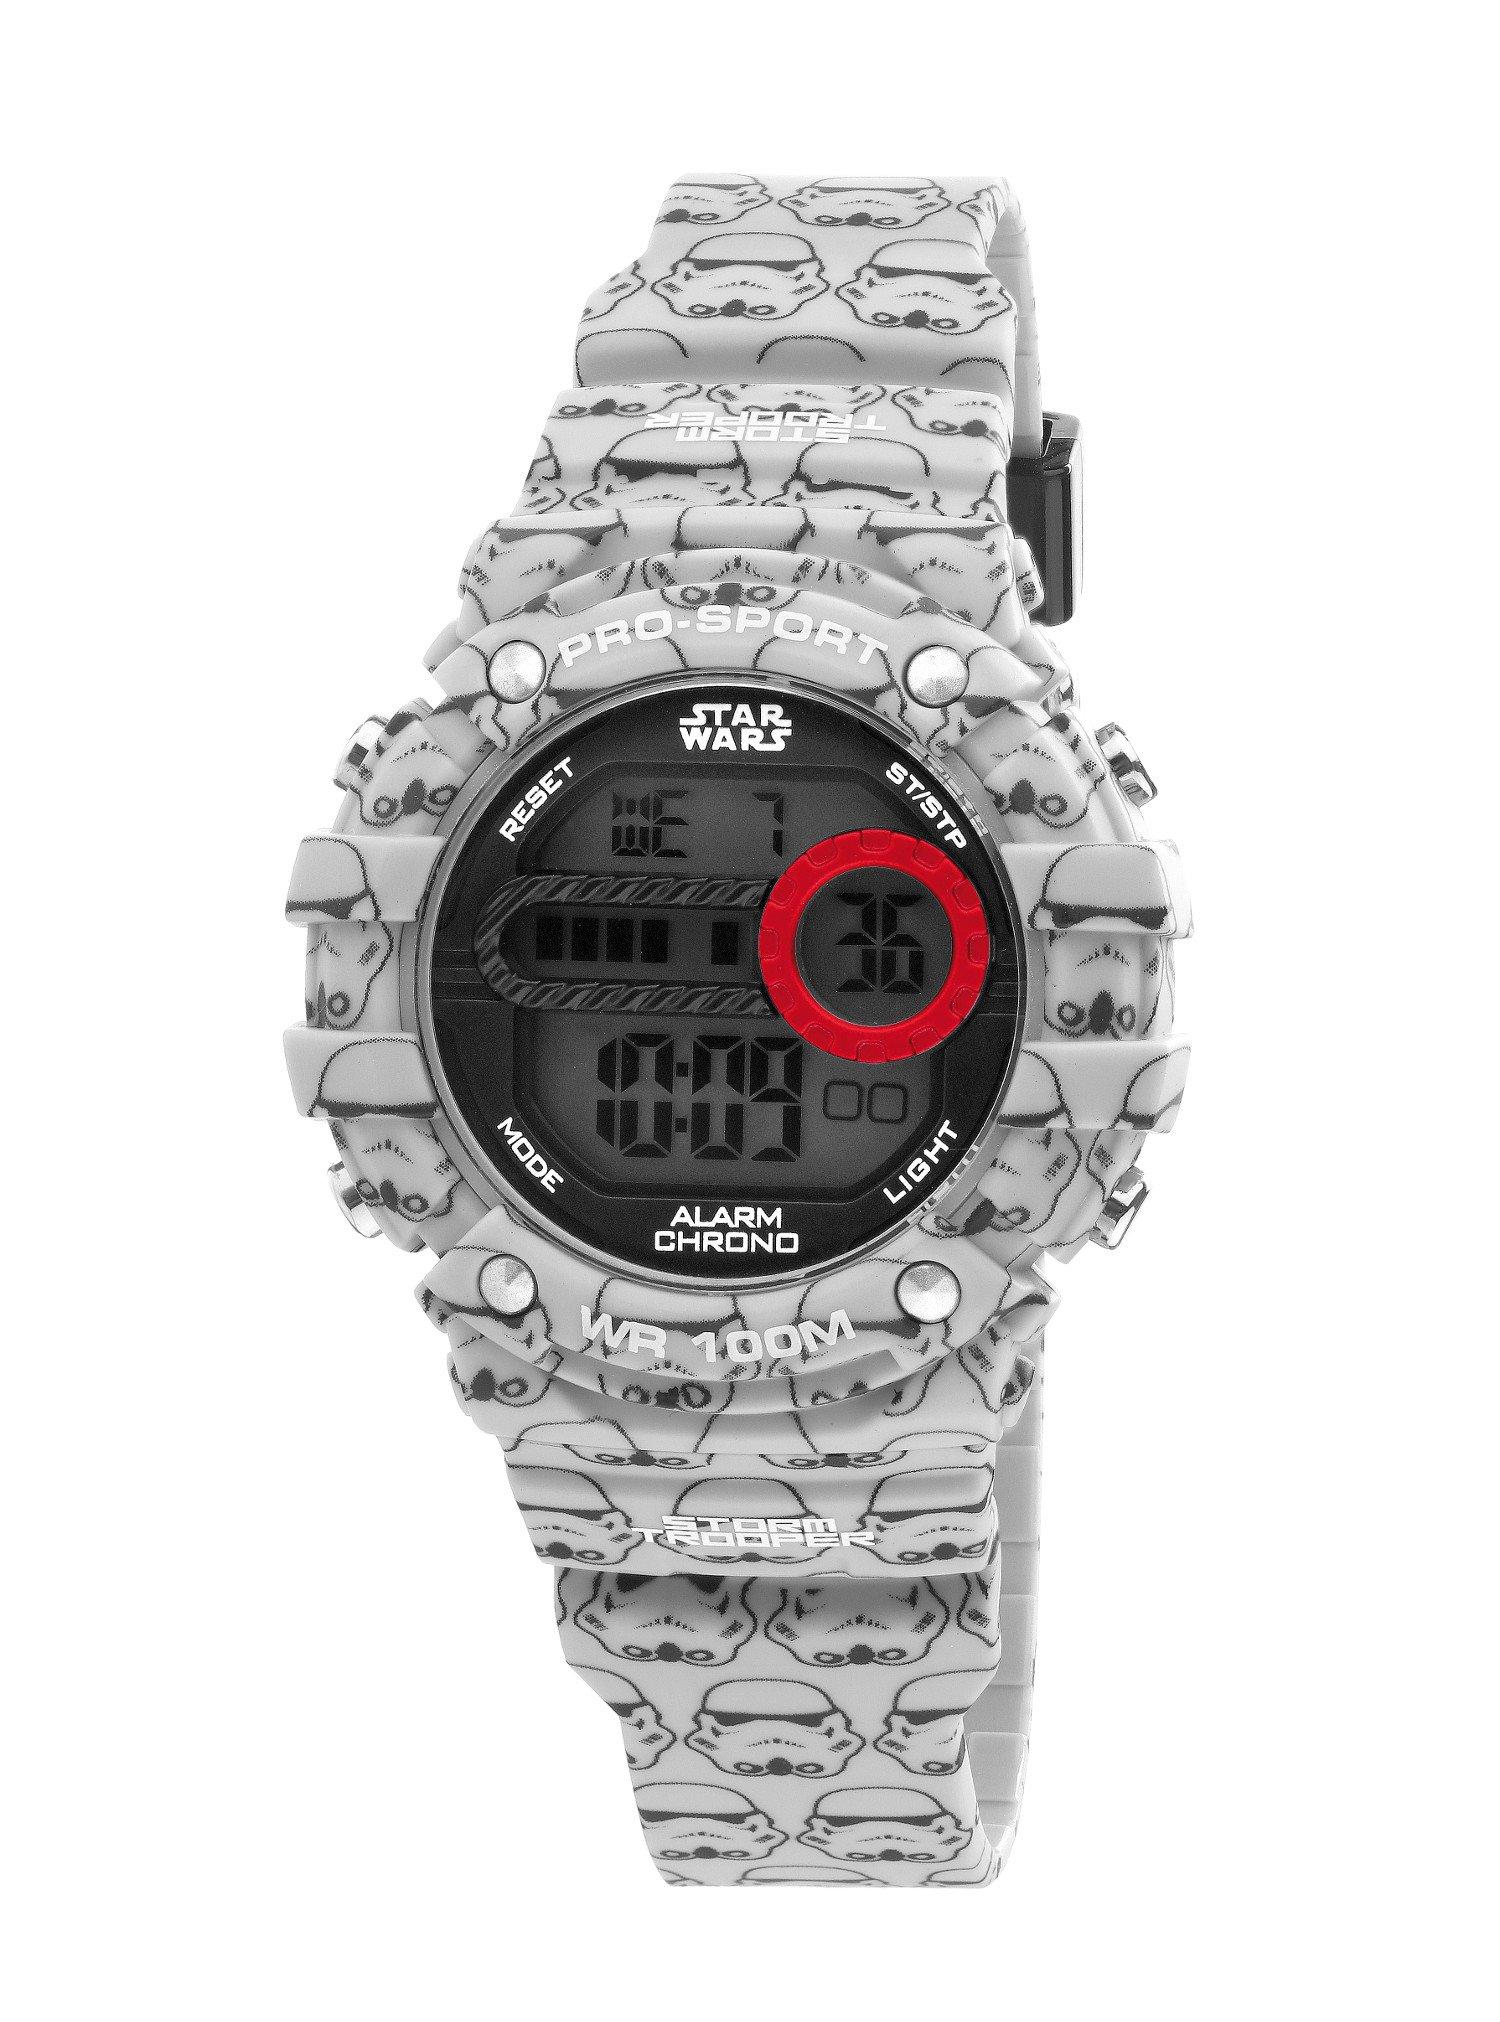 AM:PM Kid's Star Wars Storm Trooper Digital Sports Watch SP188-U482 Gray/Black